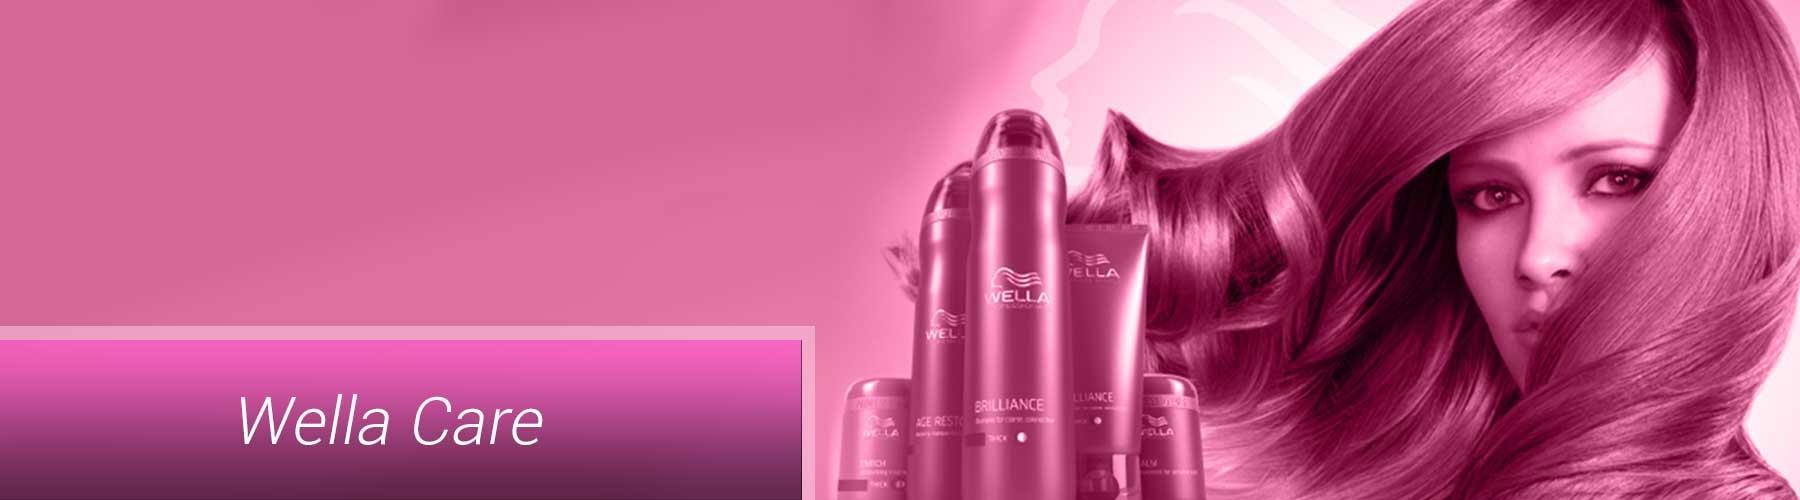 Cuidado del cabello Wella Care